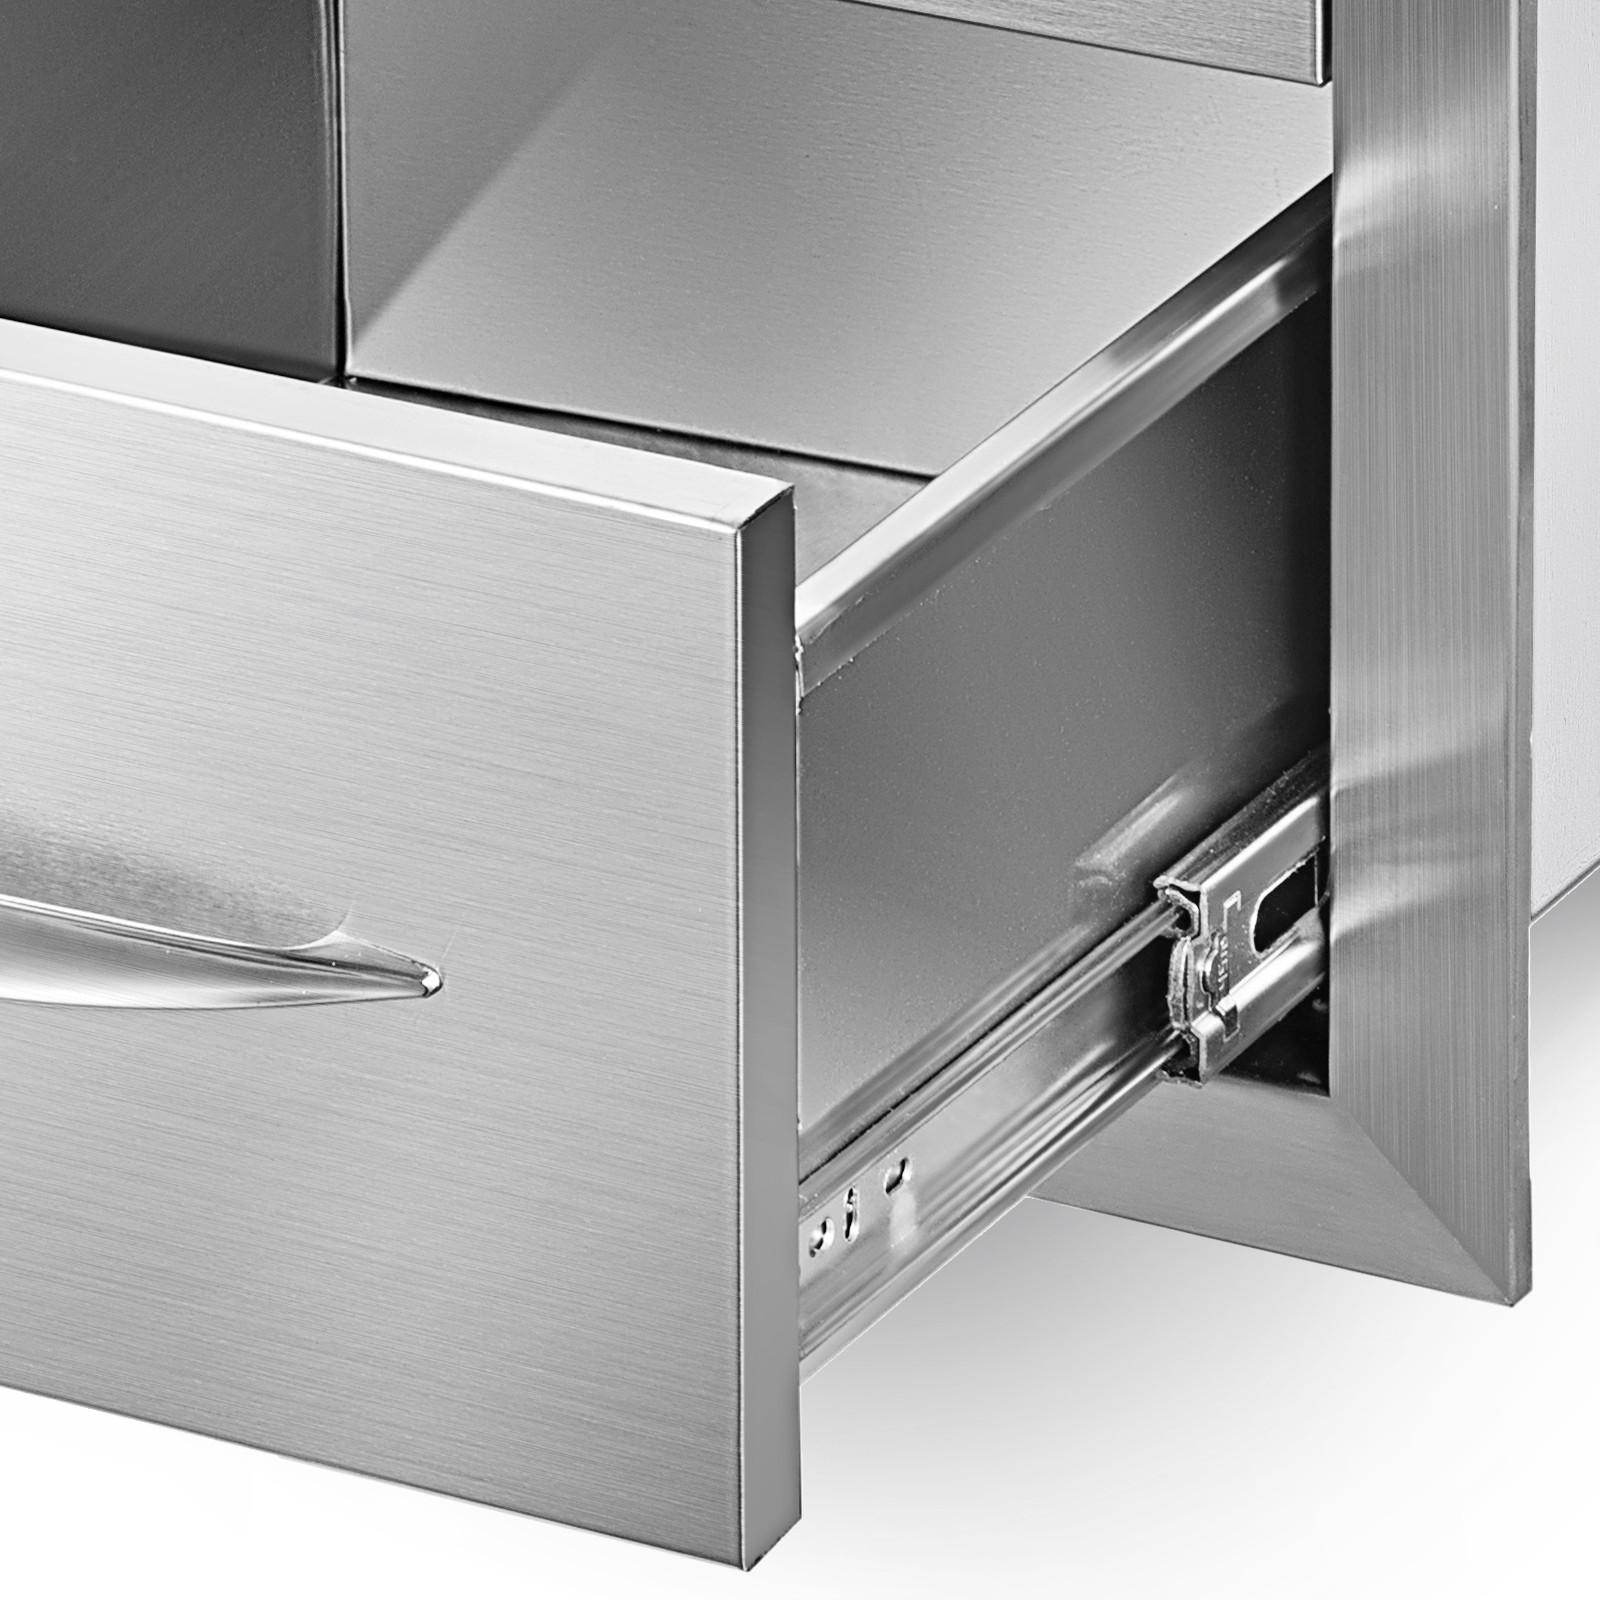 Schubladen Schubkasten Outdoor-Küche Aussenbereich Edelstahlschrank BBQ Tür